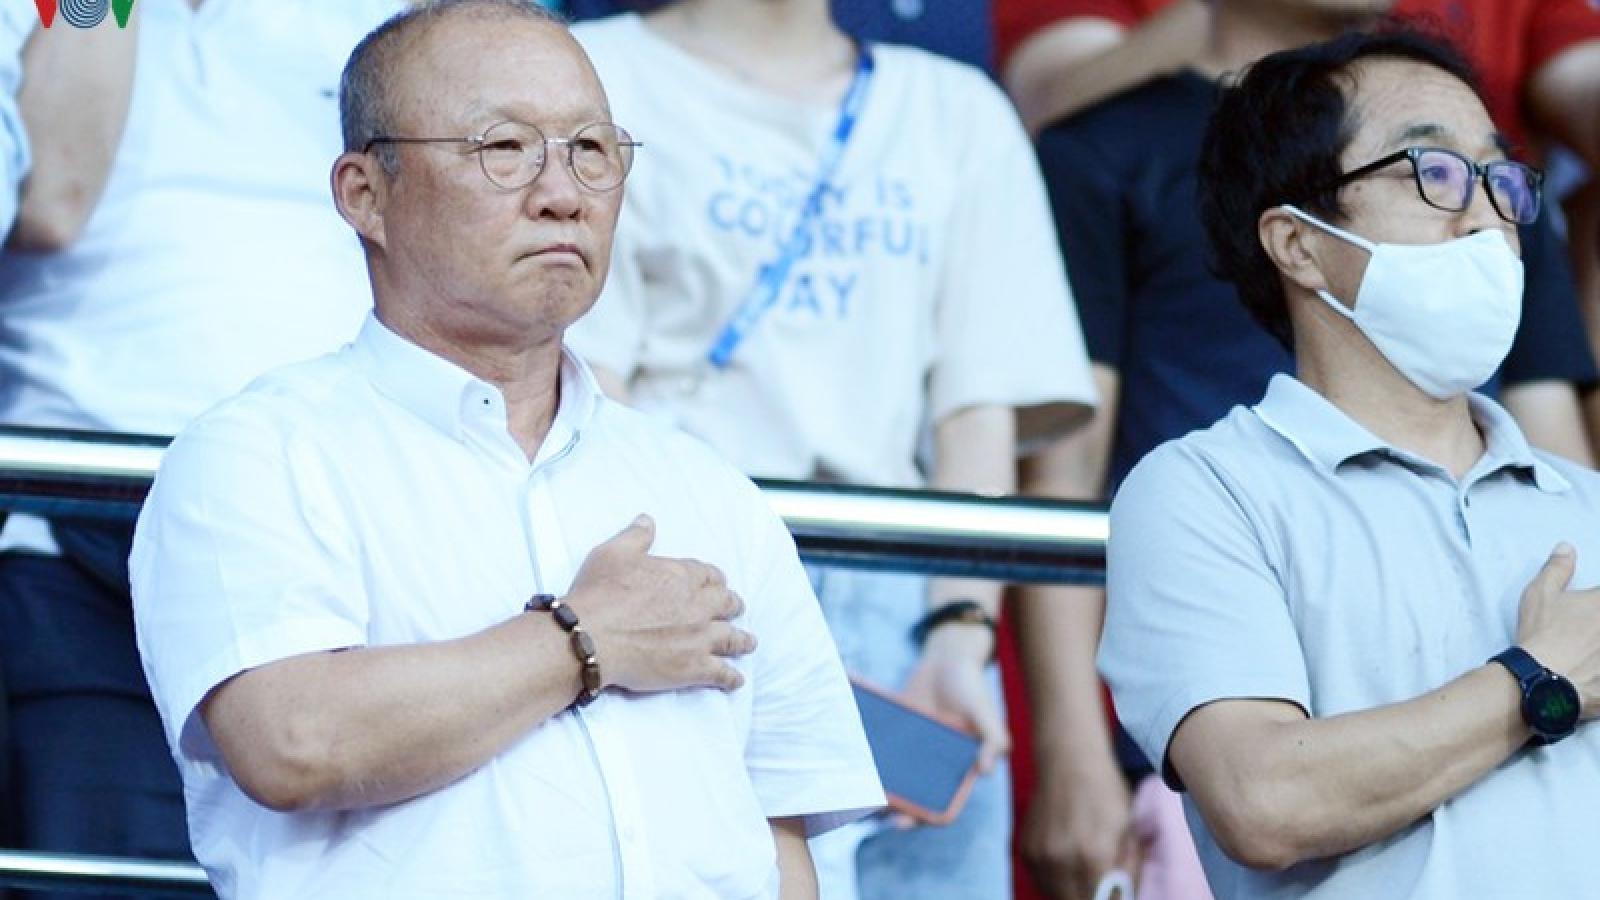 HLV Park Hang Seo dự khán 2 trận cầu nóng nhất vòng 9 V-League 2020